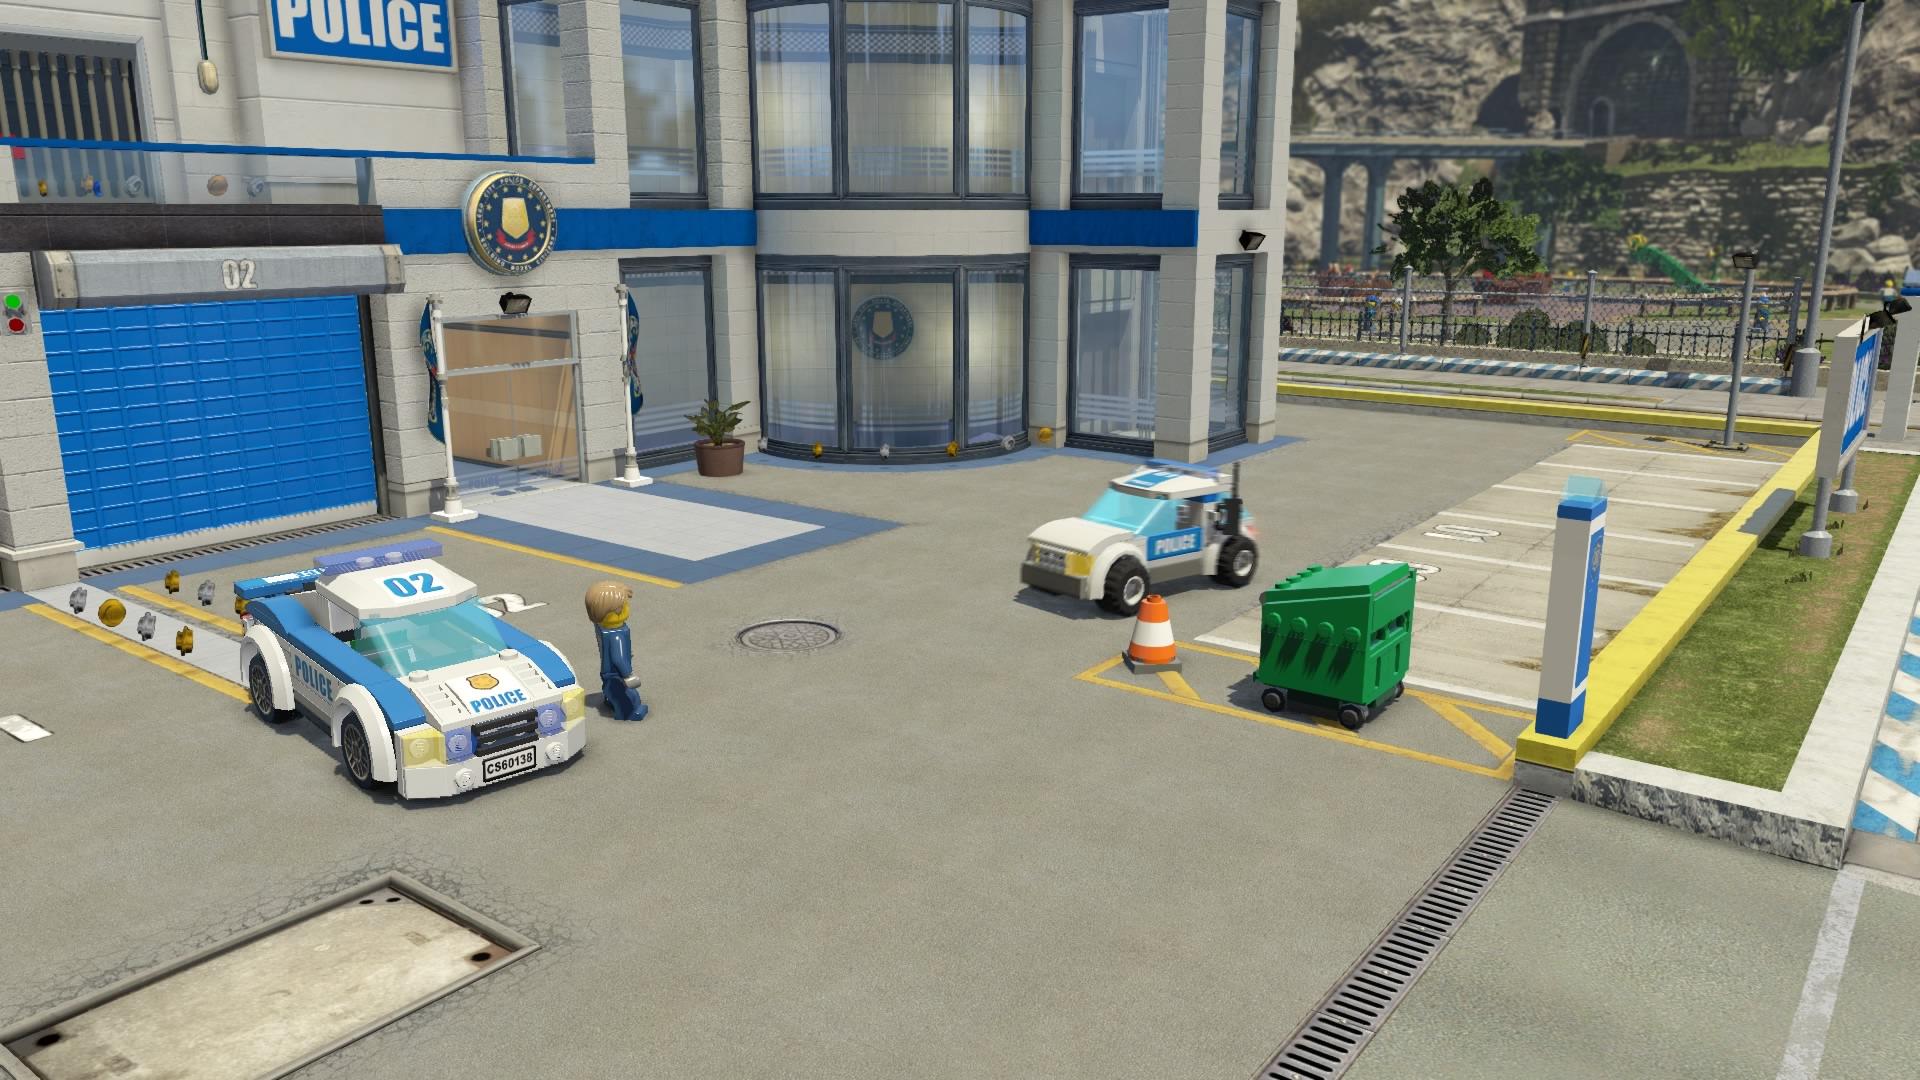 Lego Police Car Games